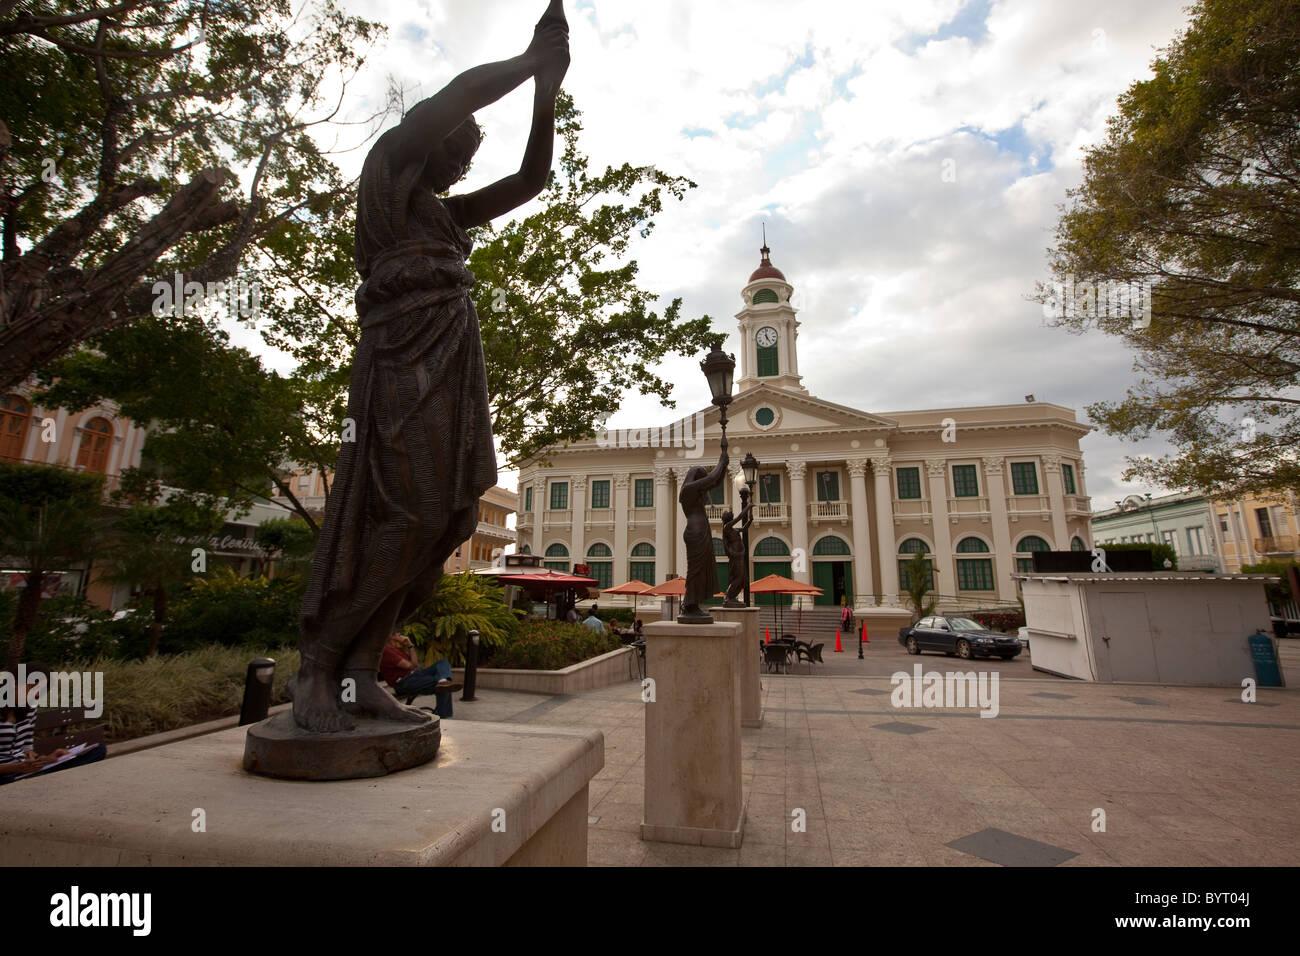 View of the Alcaldia in Plaza Colon, Mayaguez Puerto Rico - Stock Image